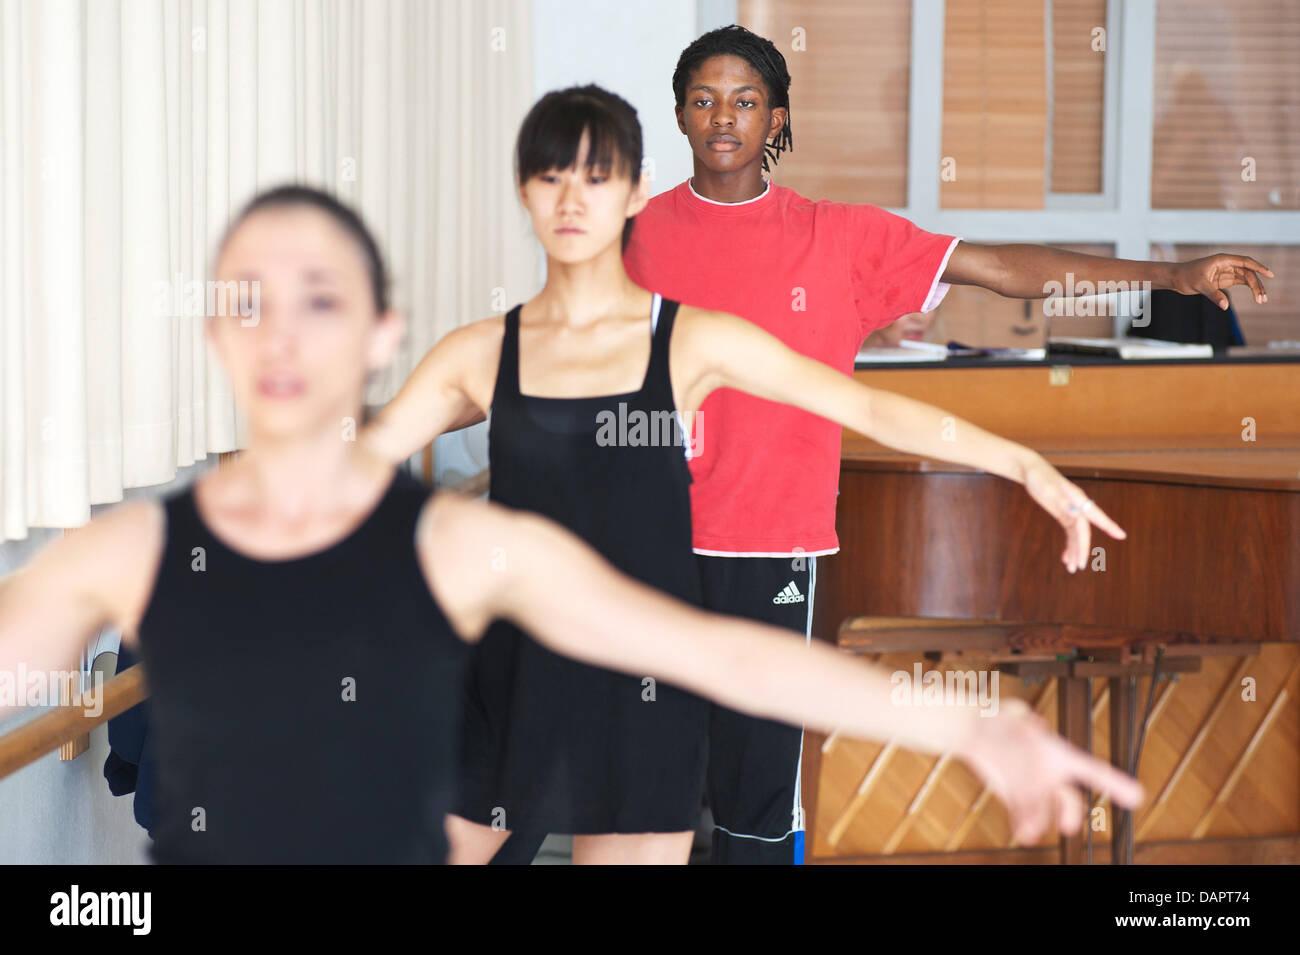 Ballerine Jamie Mejeh (RETOUR) pratiques avec le théâtre d'état de la Sarre, Donlon Dance Company Photo Stock